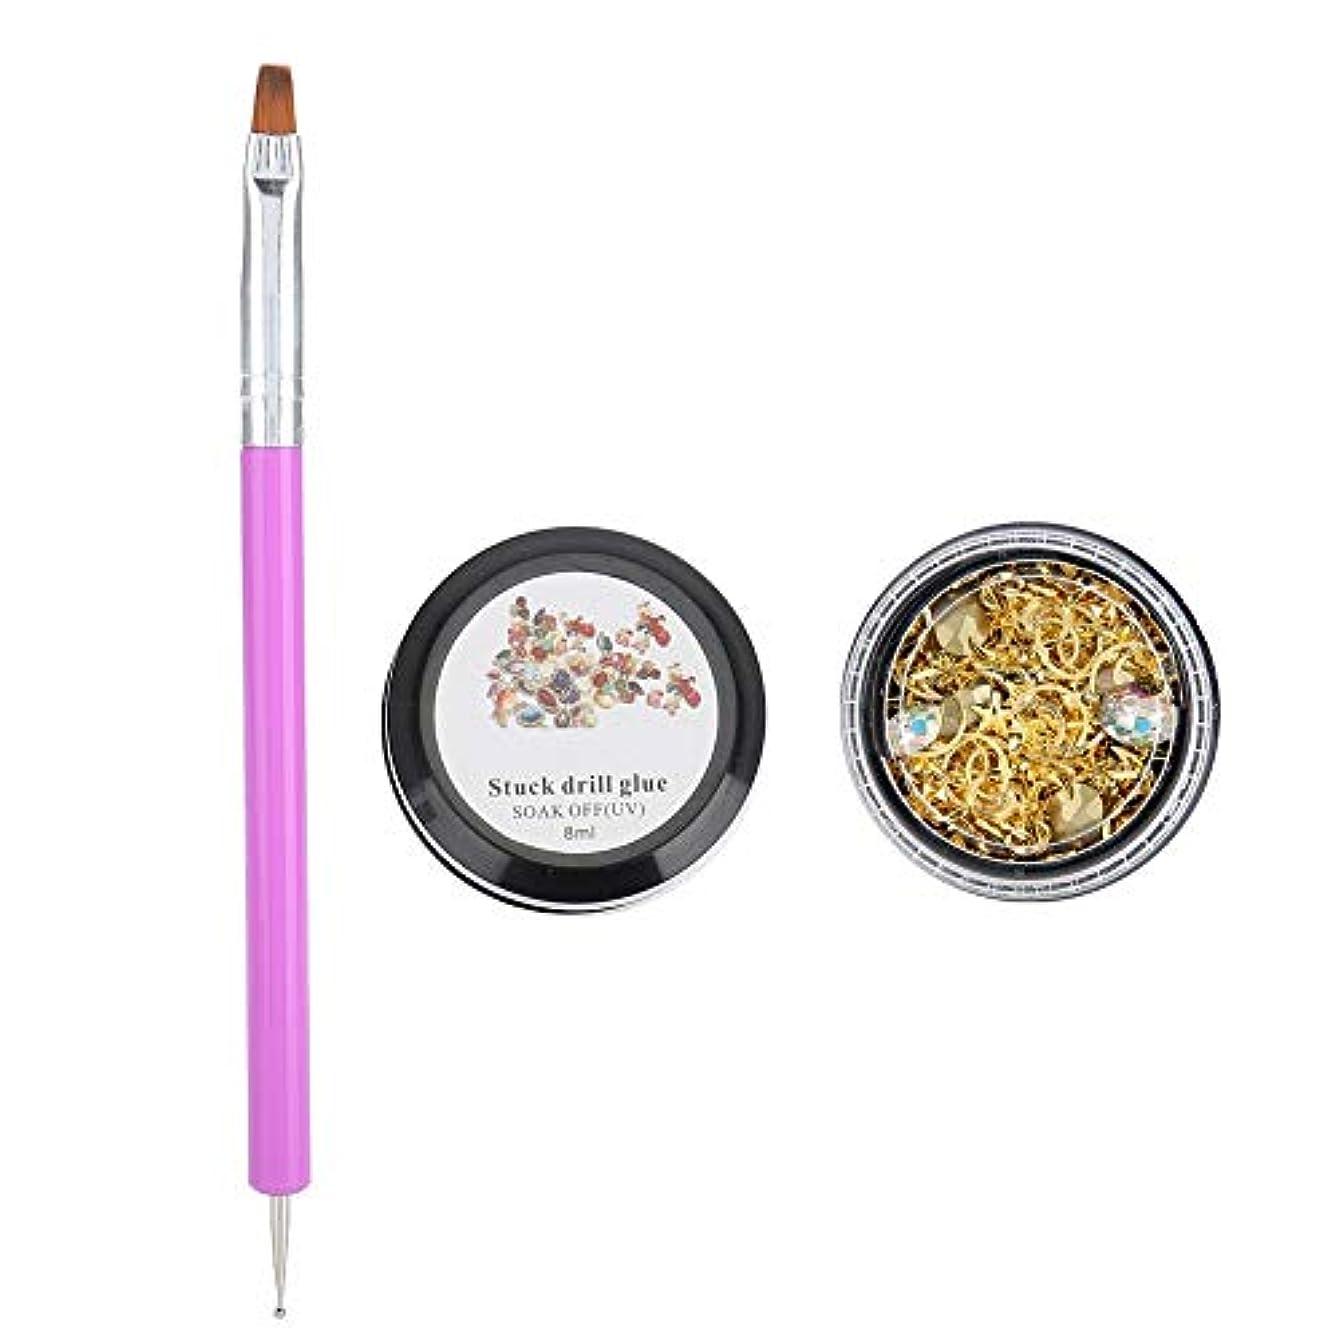 美しい ネイルアート 装飾リベットラインストーンスタッド ネイルアートペン 3種類 多目的 接着剤 マニキュアツール(01)